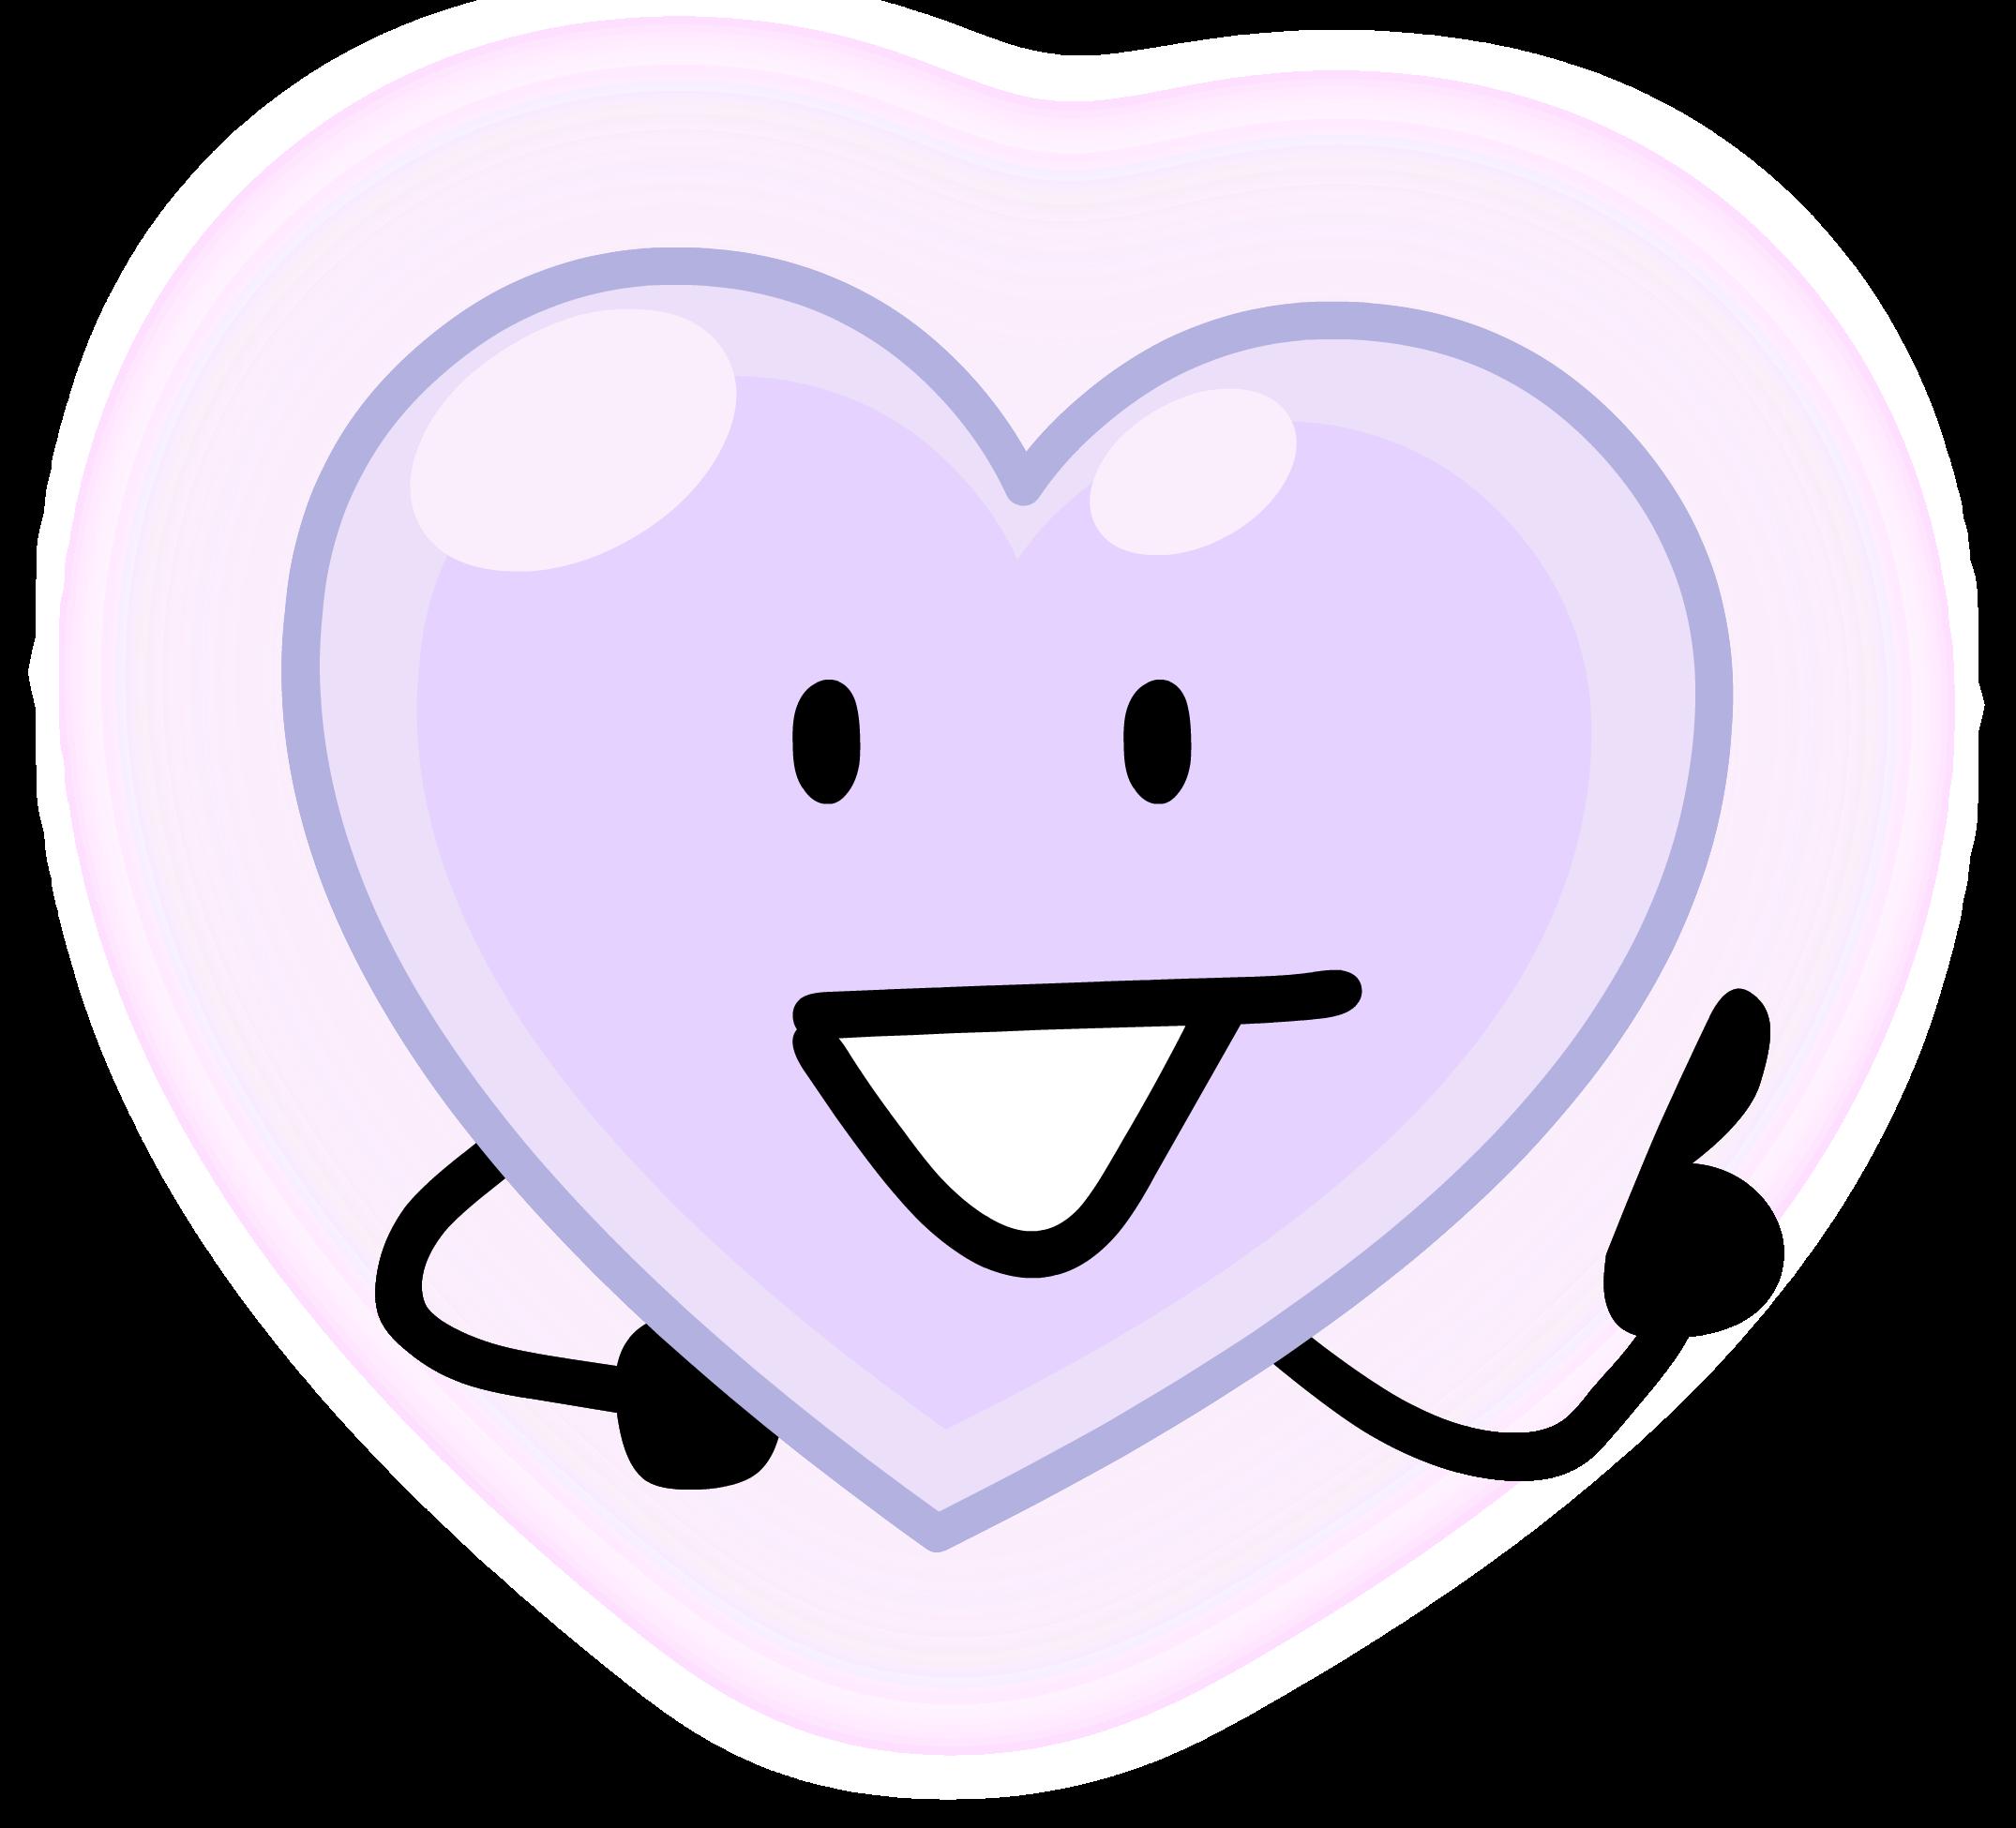 Glowing Heart